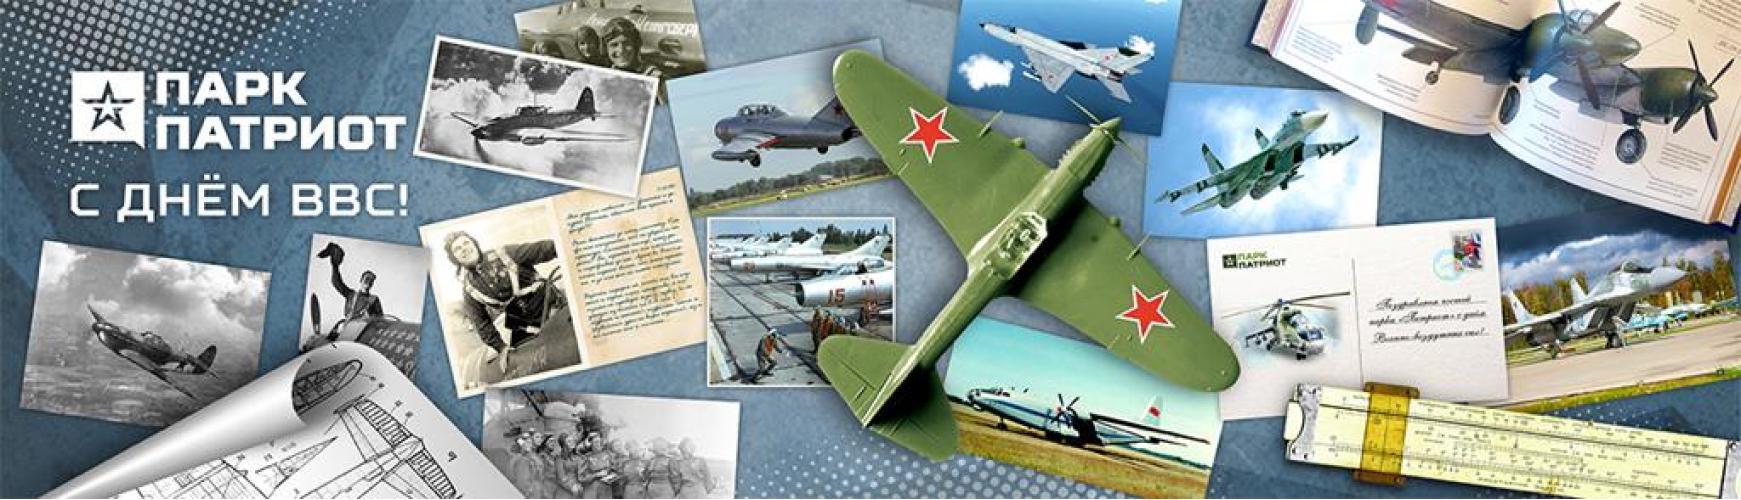 День ВВС в парке Патриот  14 августа